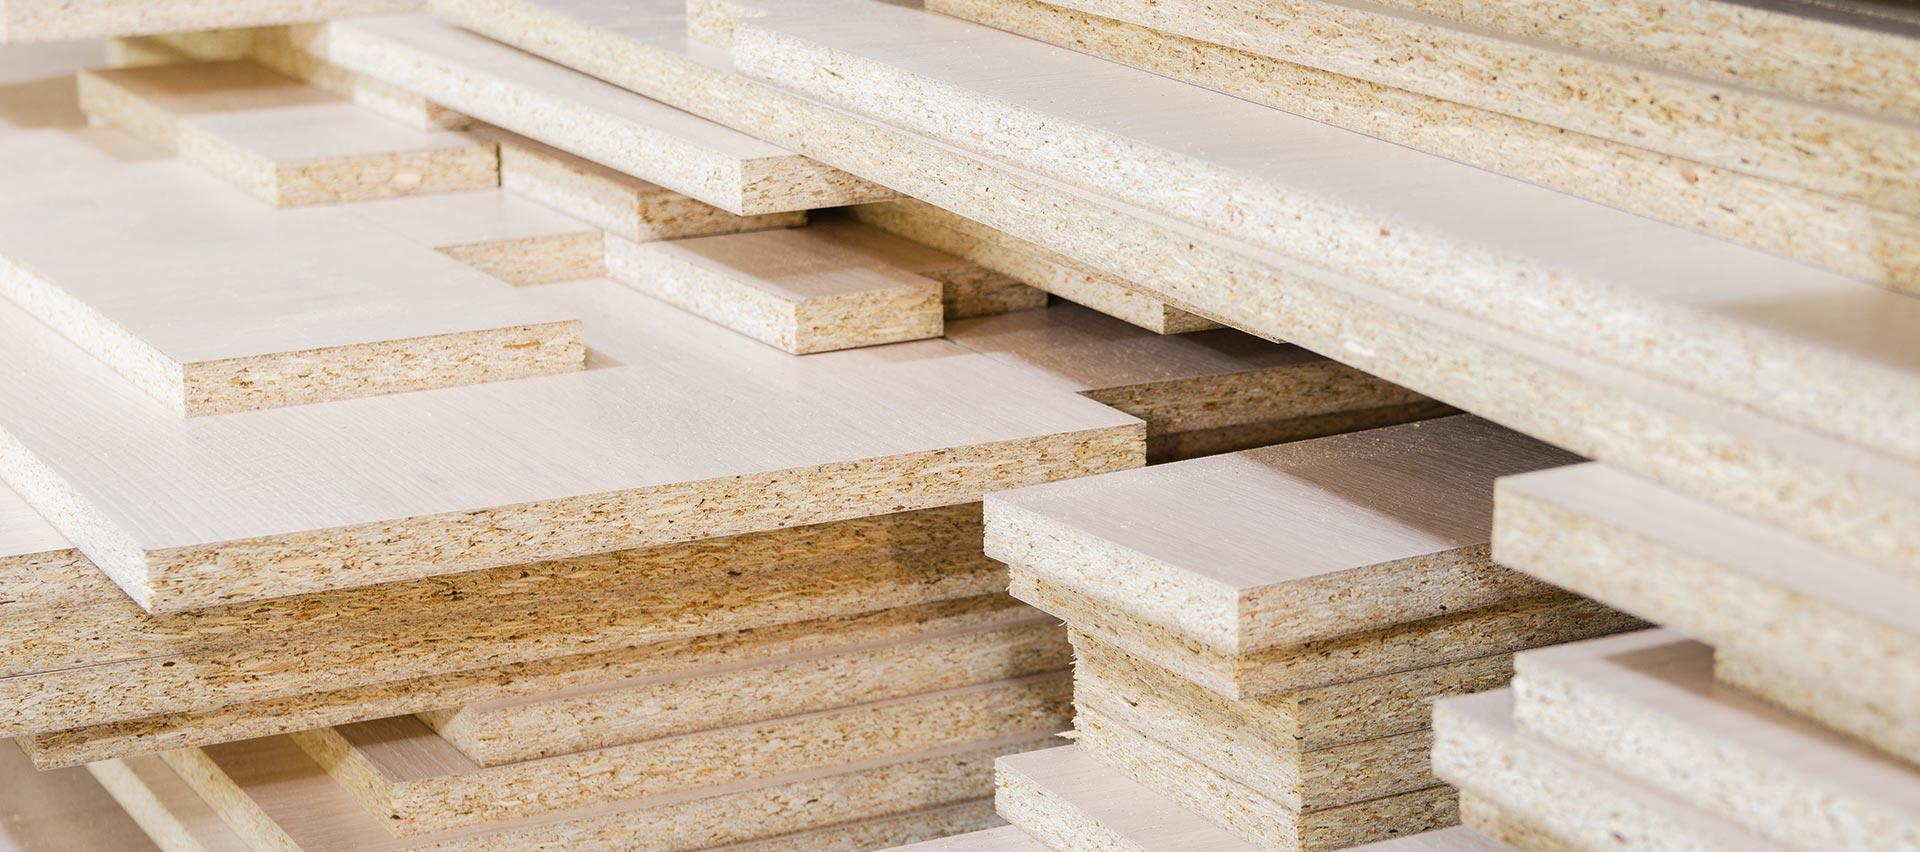 Bauen mit Spanplatten von Holz-Hauff in Leingarten